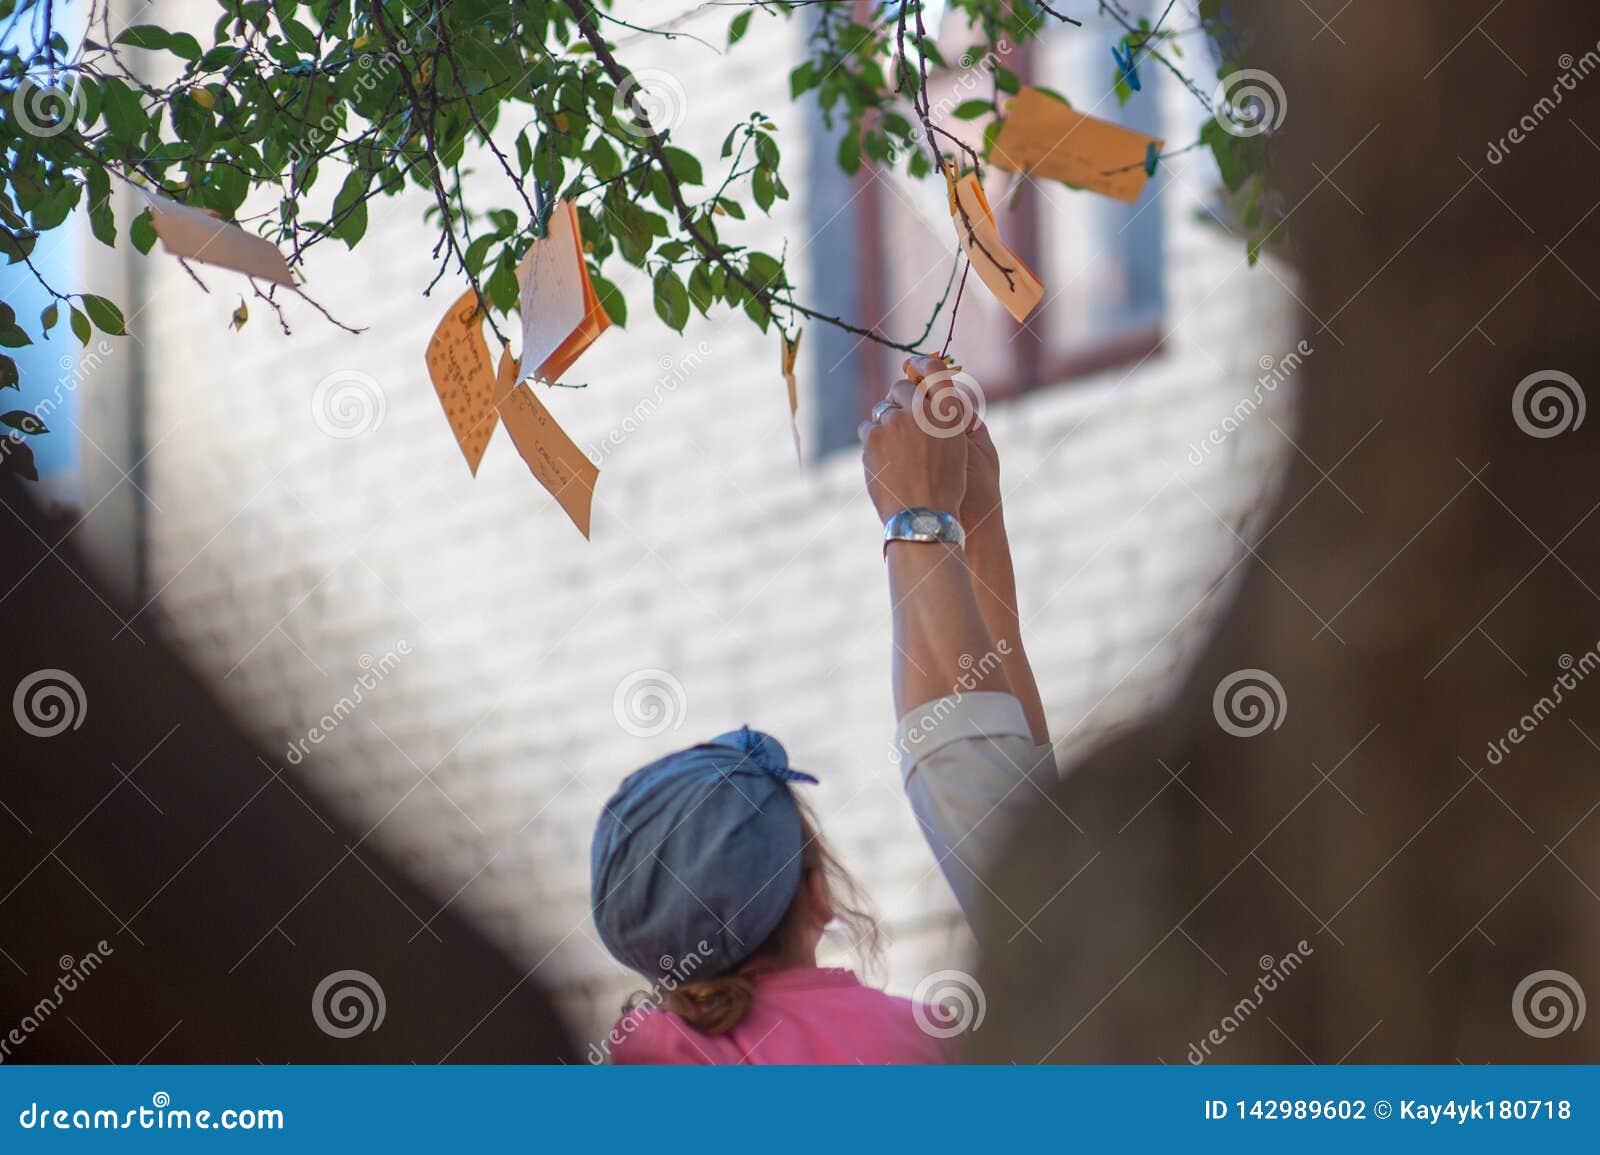 Hang nota s met wensen op een boom, nota s van oranje kleur